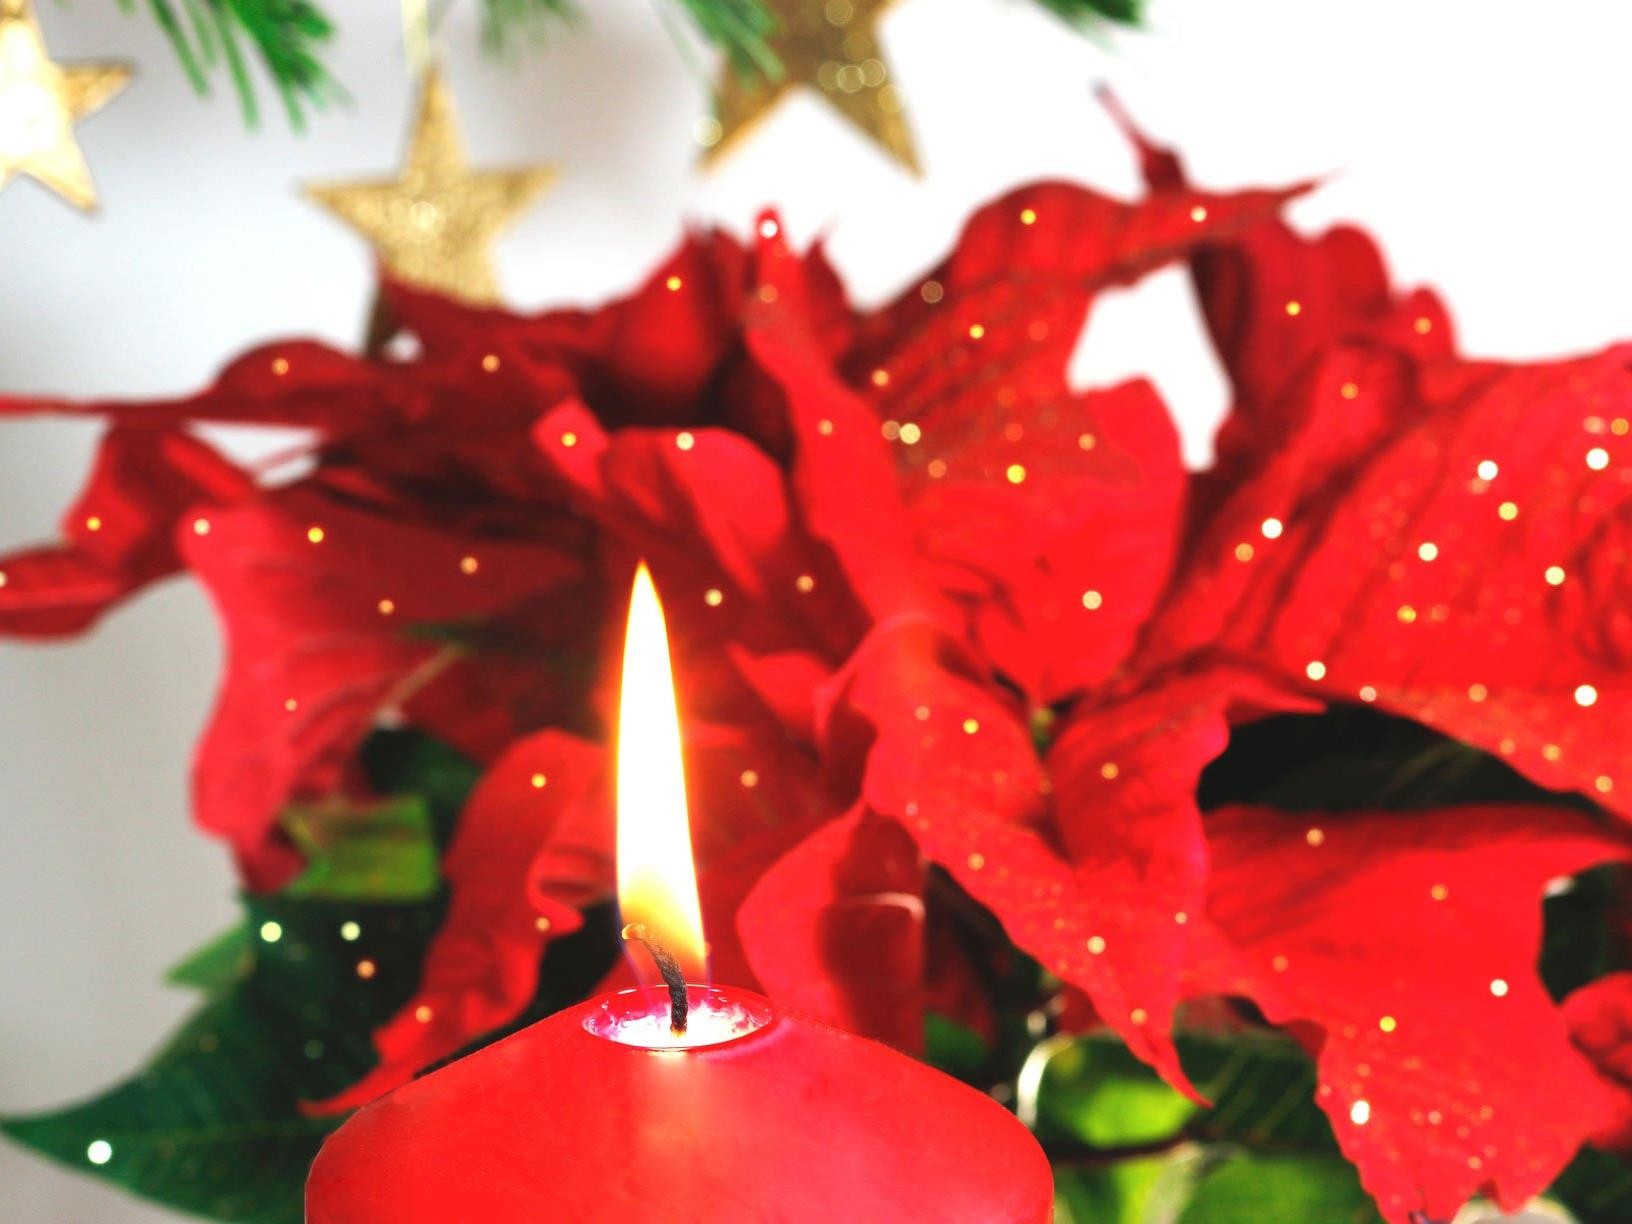 Weihnachtssterne zaubern festliche Stimmung in jedes Zuhause